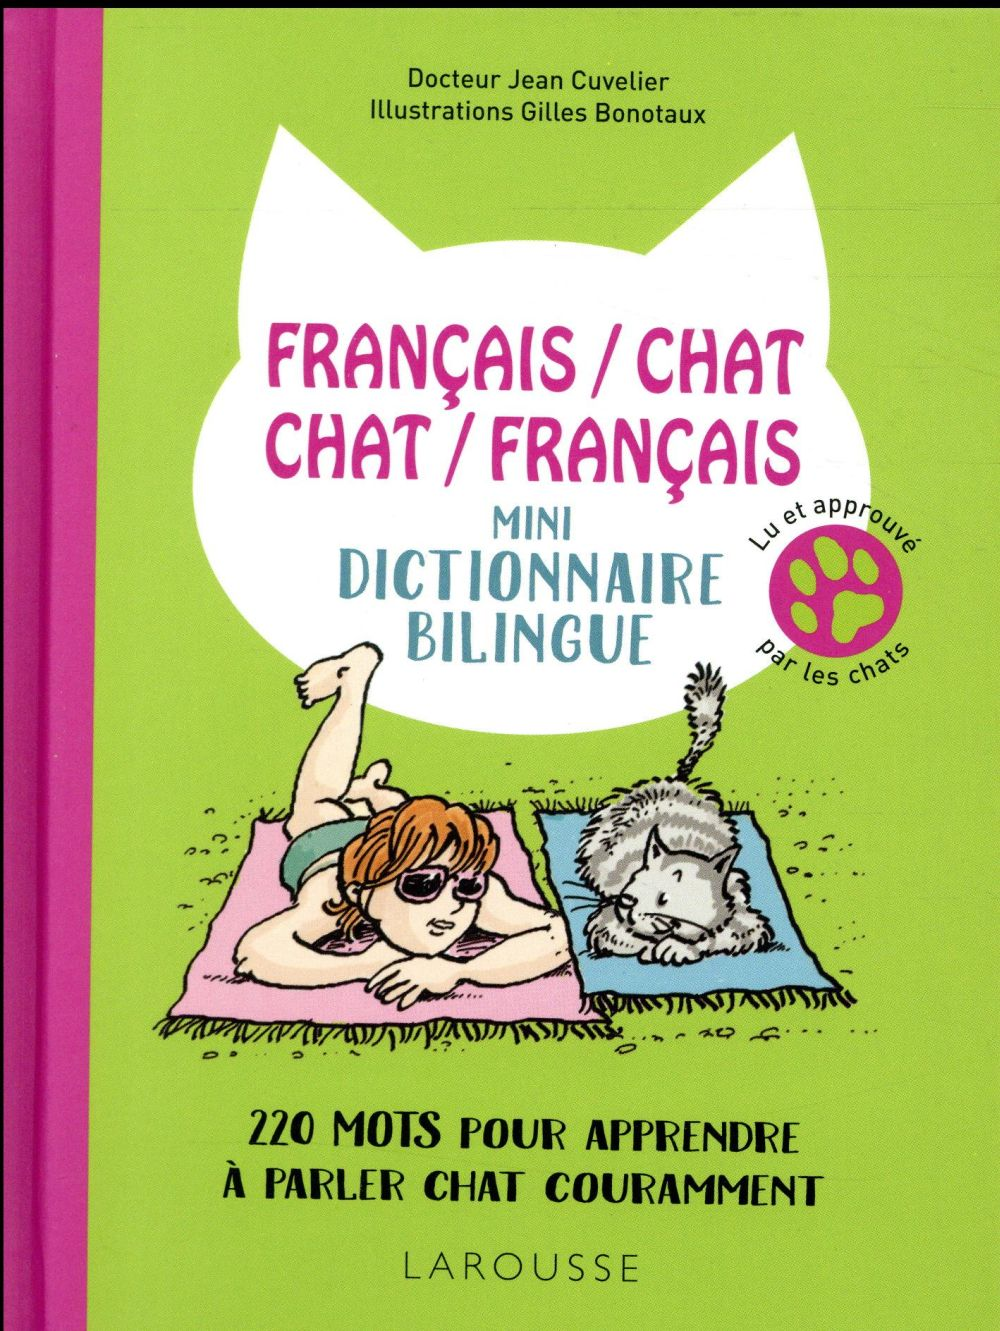 FRANCAIS/CHAT-CHAT/FRANCAIS-MINI-DICTIONNAIRE BILINGUE - 200 MOTS POUR APPRENDRE A PARLER CHAT COURA